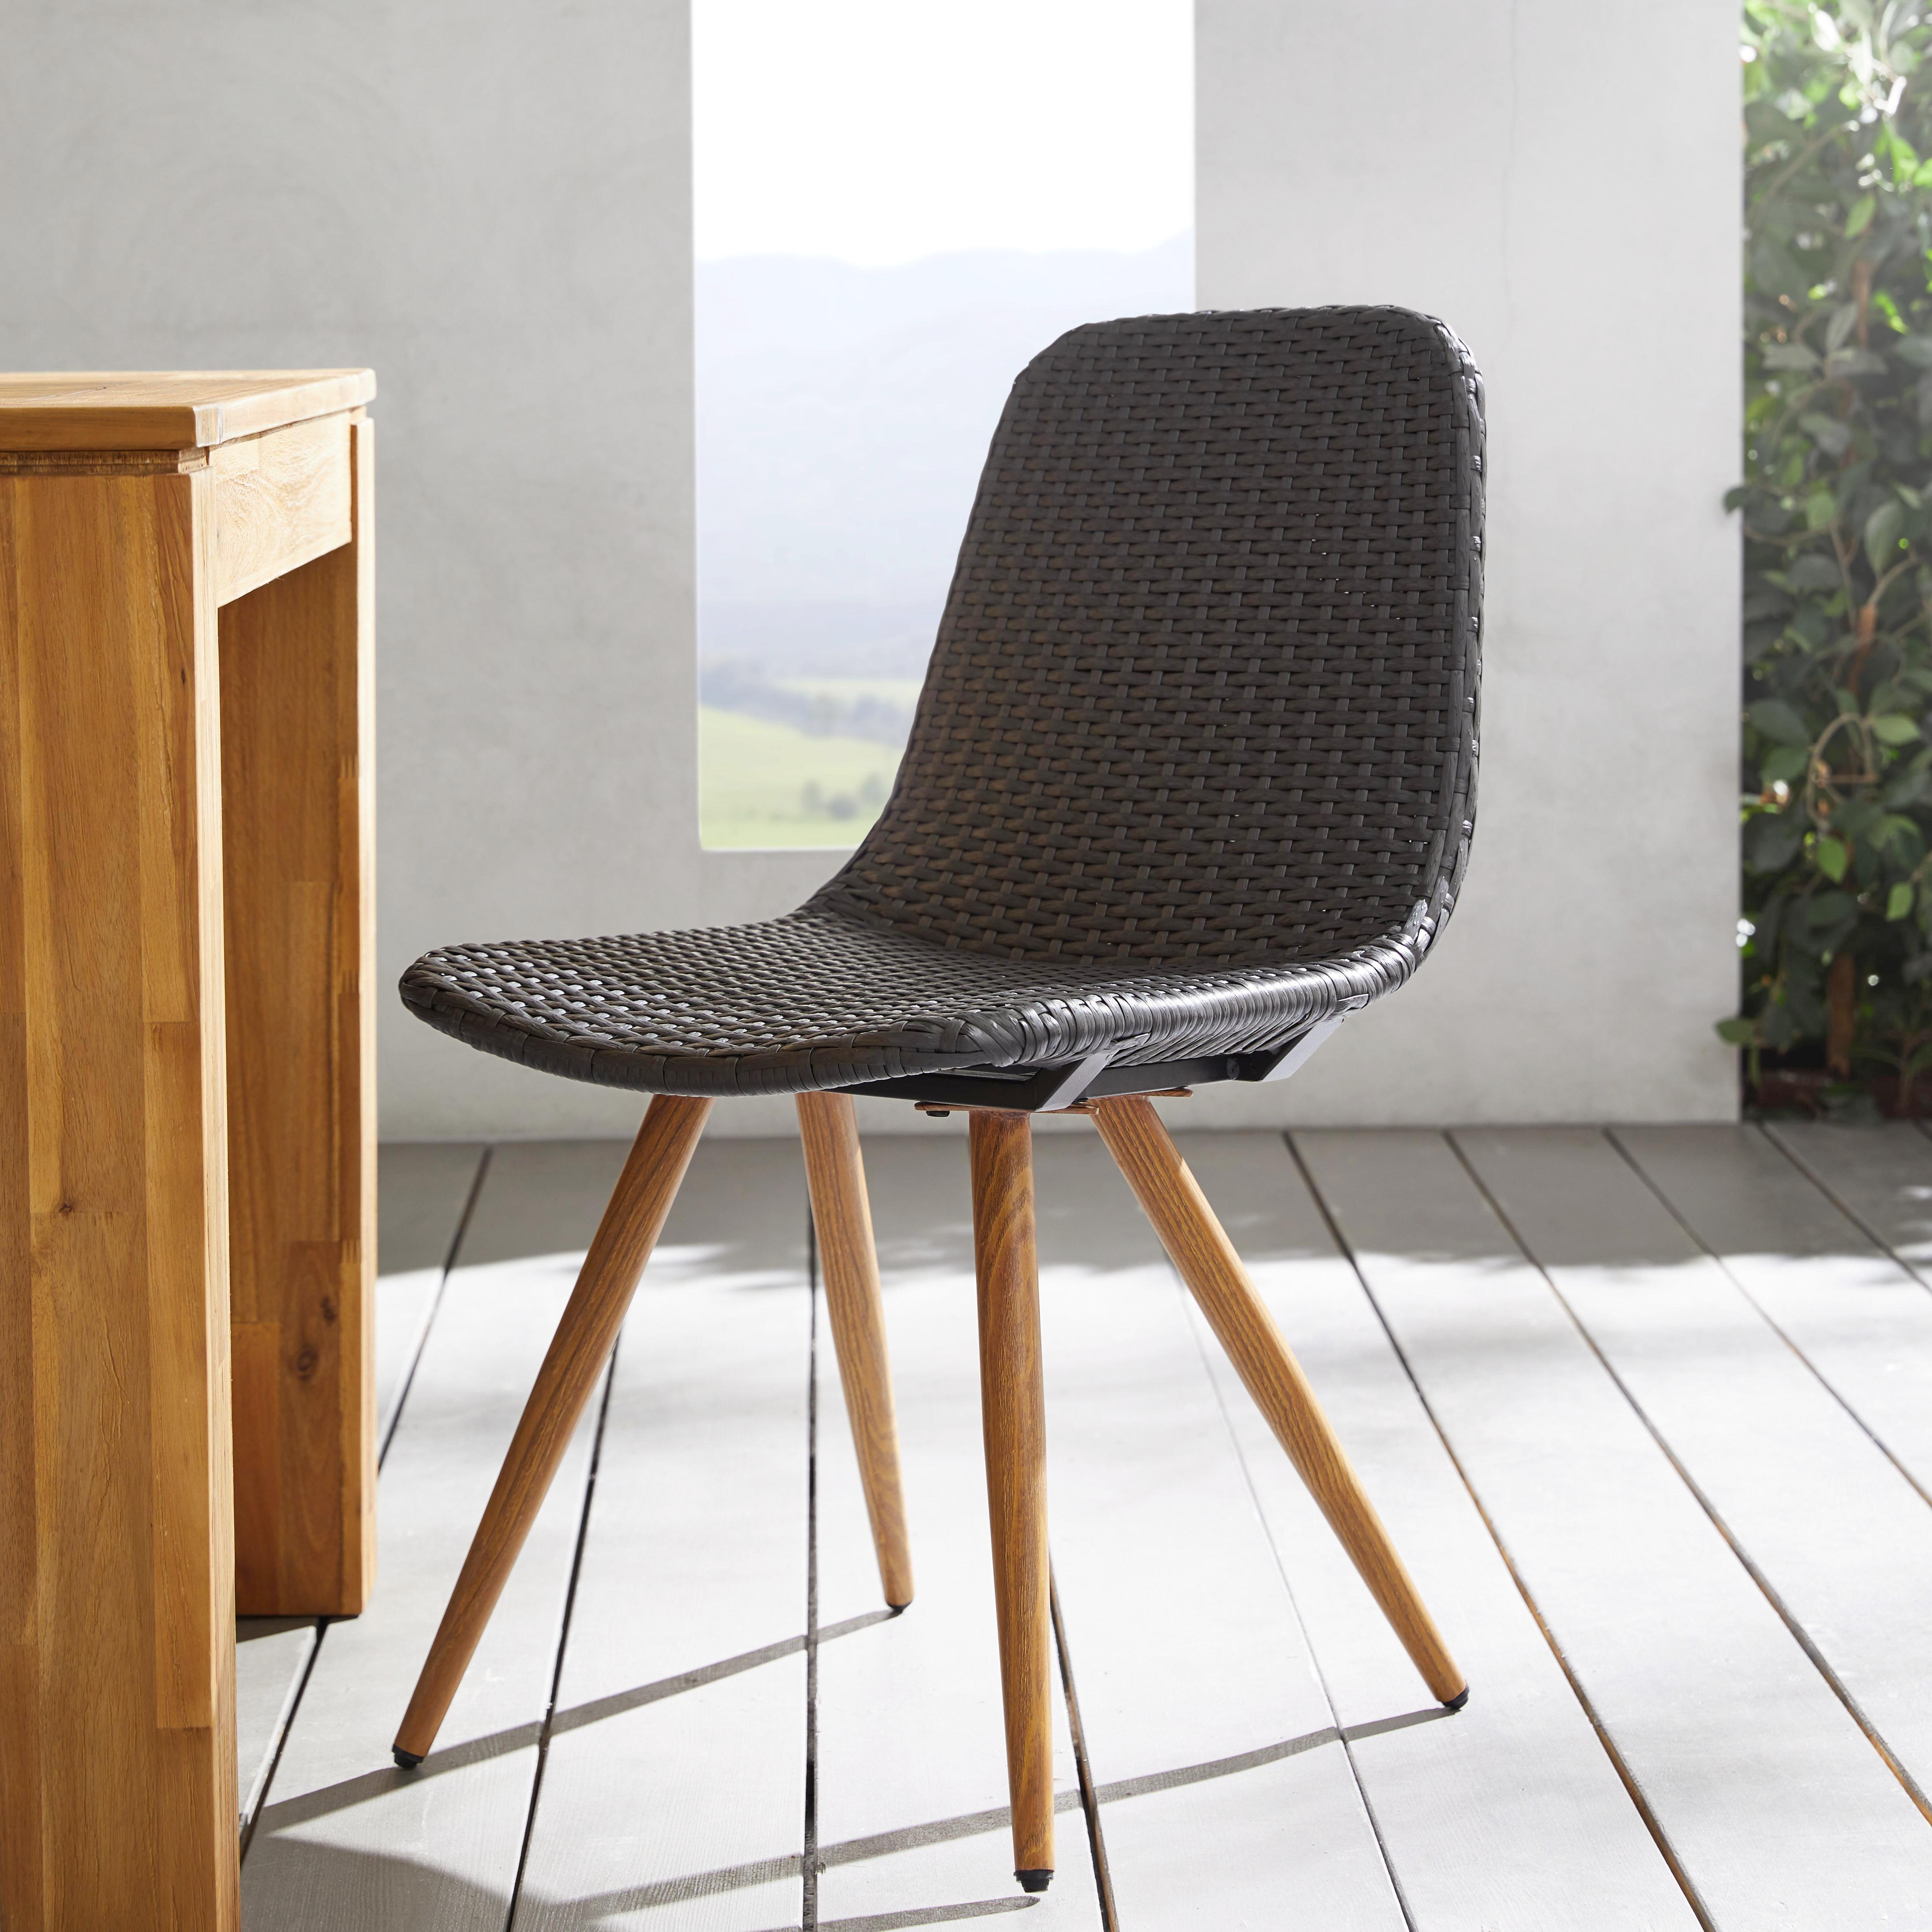 Designer Gartensofa Indoor Outdoor: Teakor